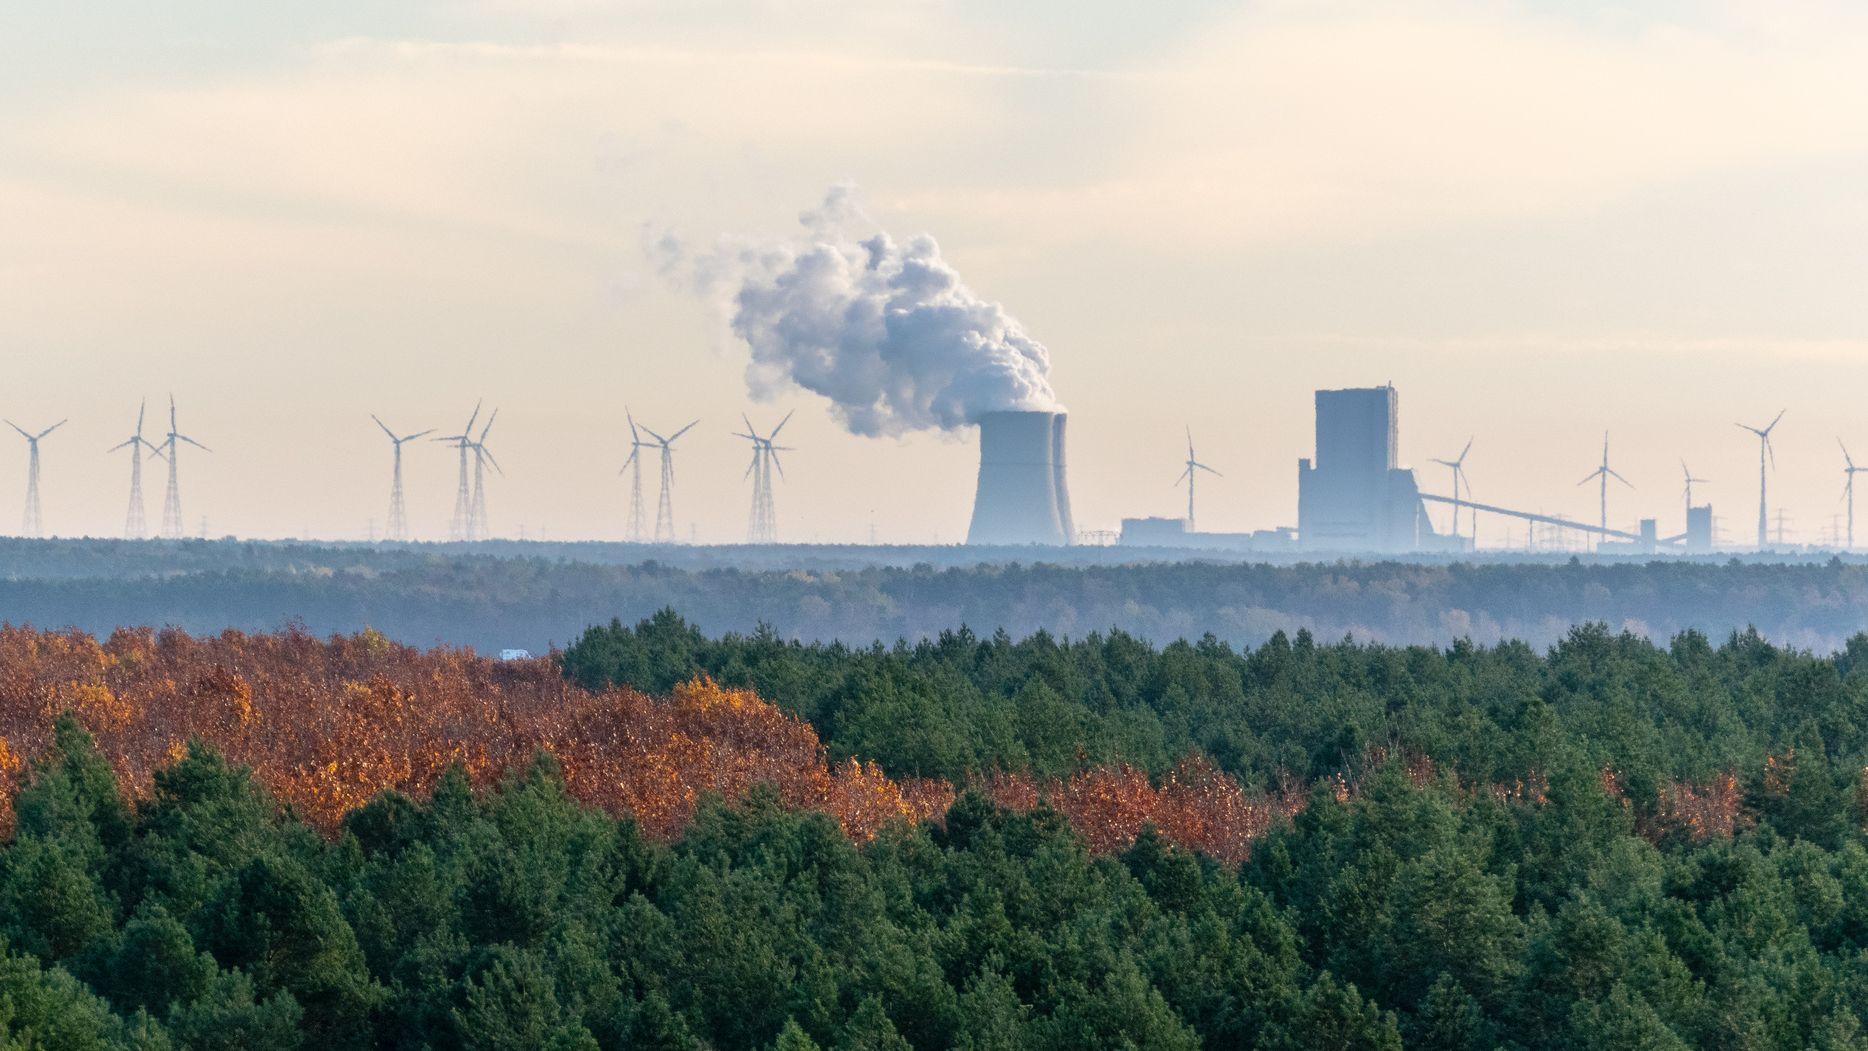 Stromgroßhandel 2020: Covid-19 drückt die Preise